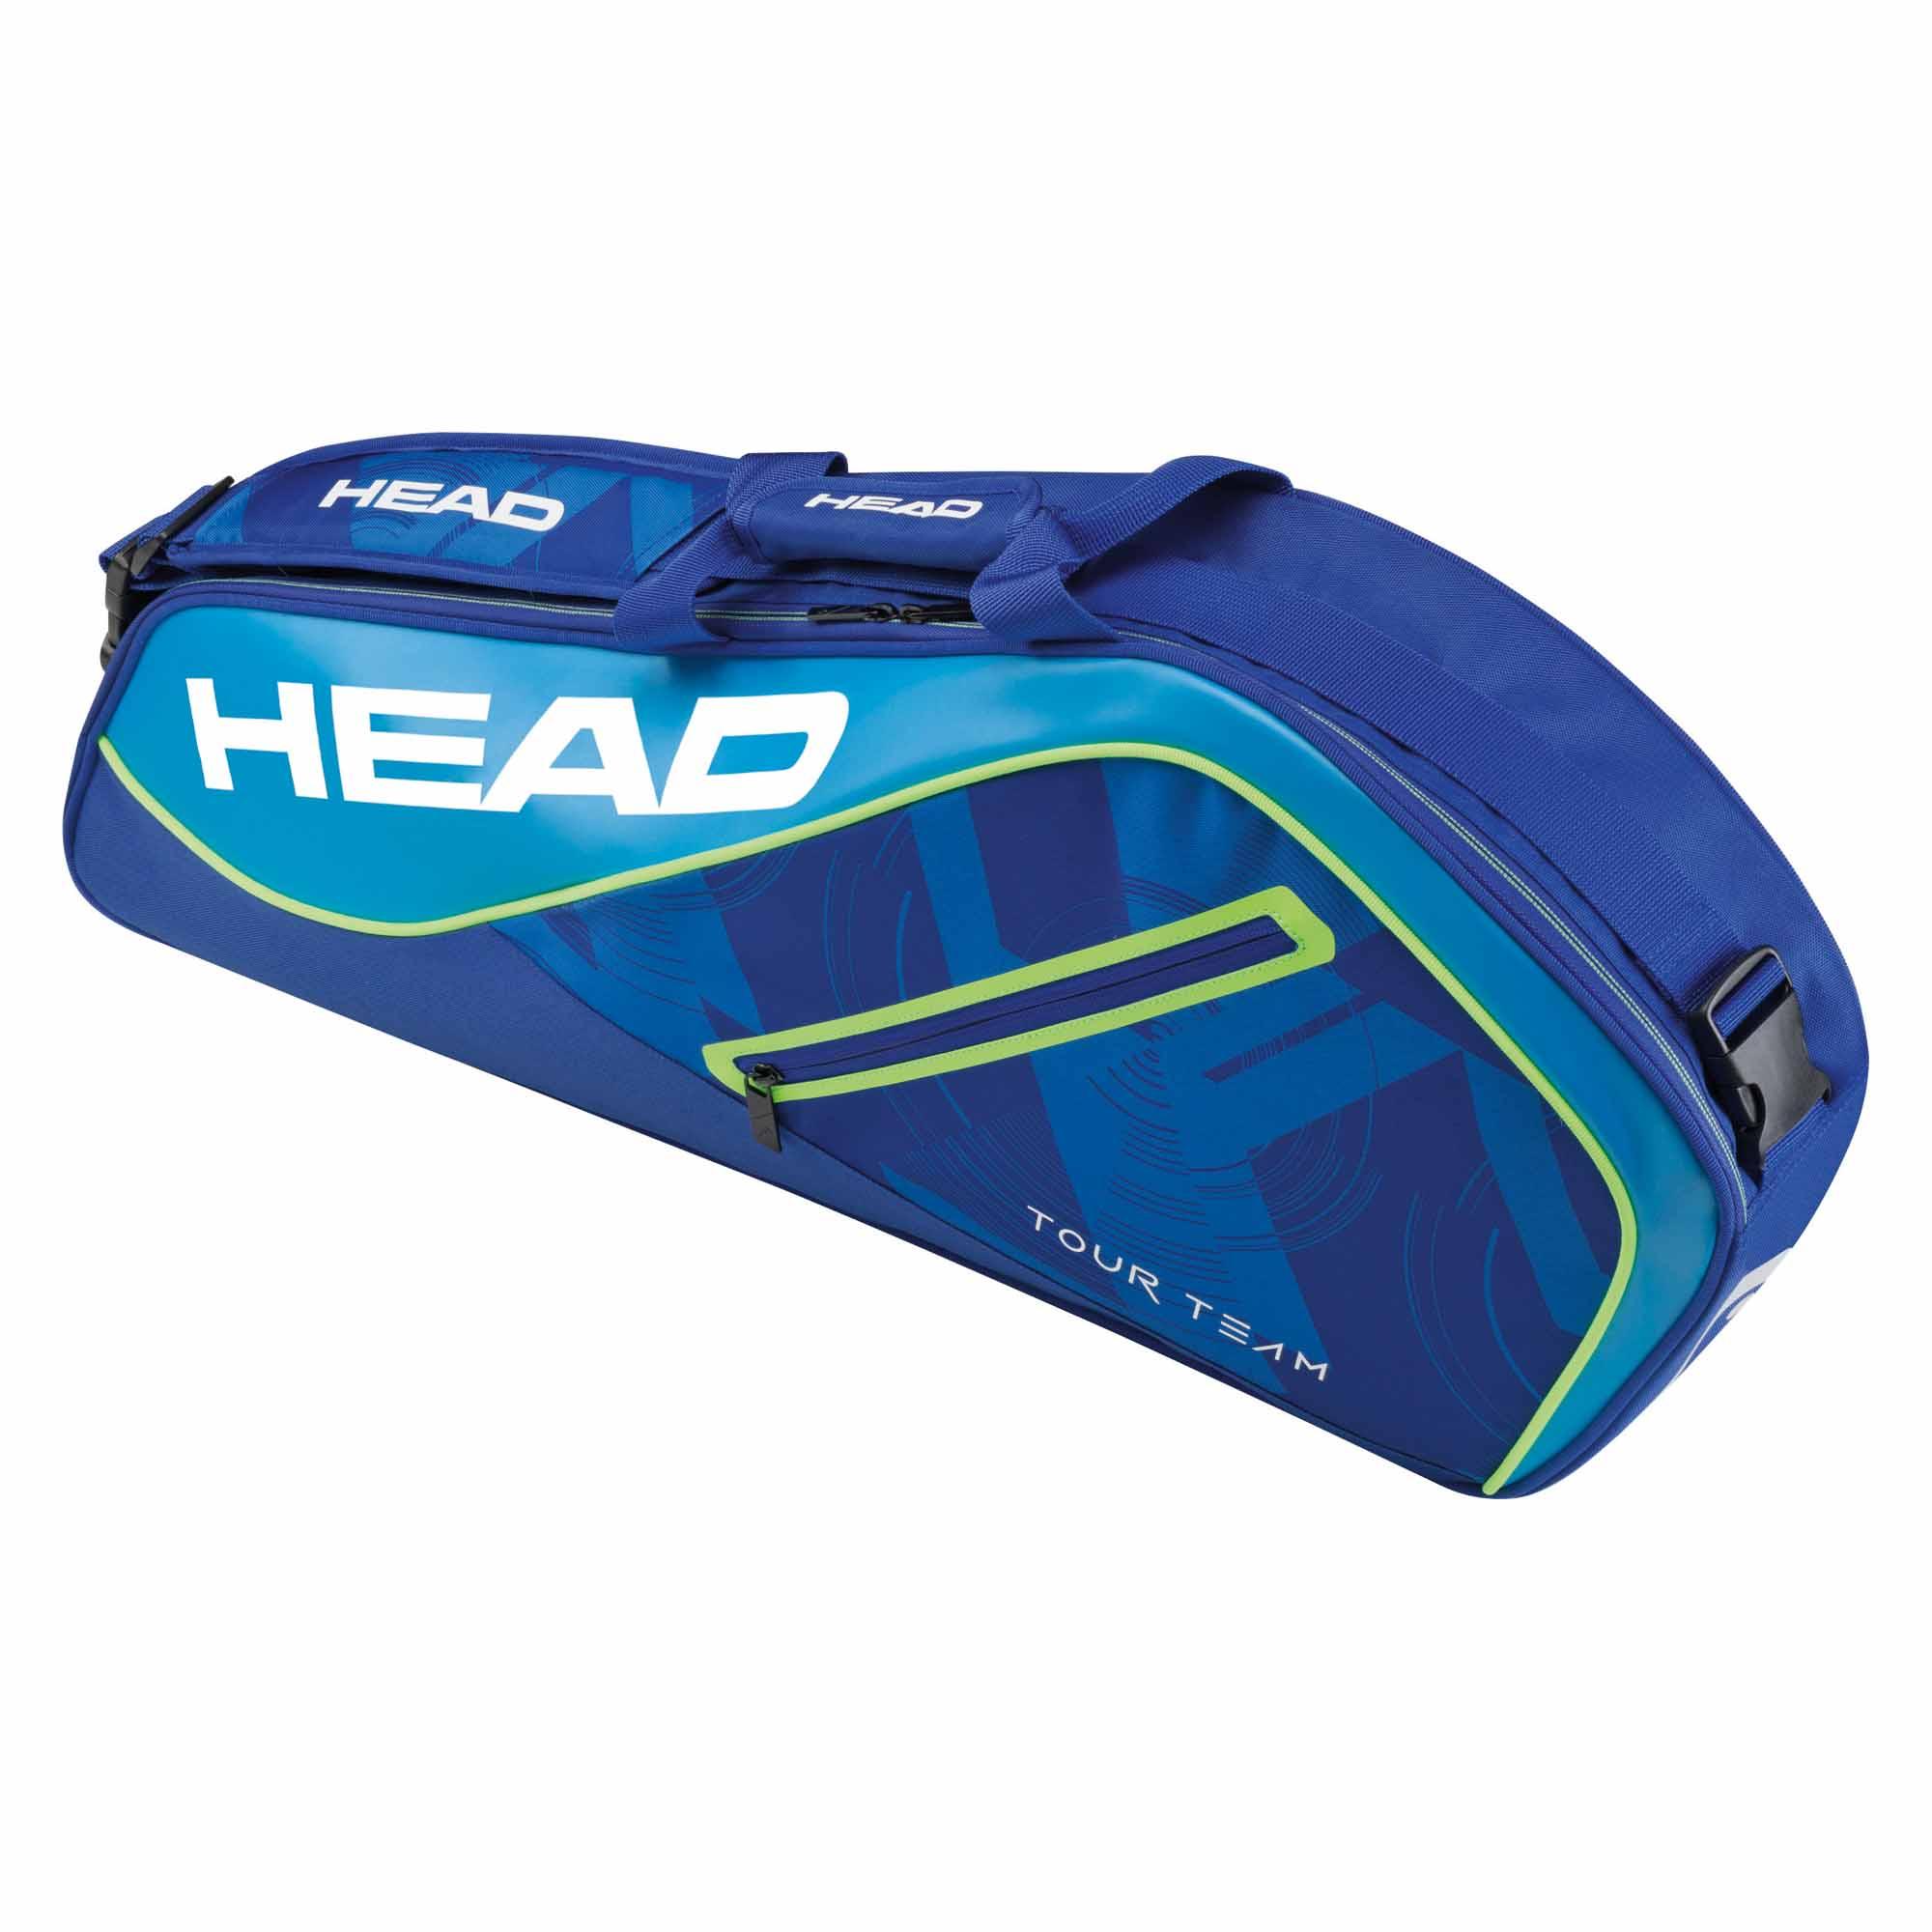 Head Tour Team Pro 3 Racket Bag  Blue